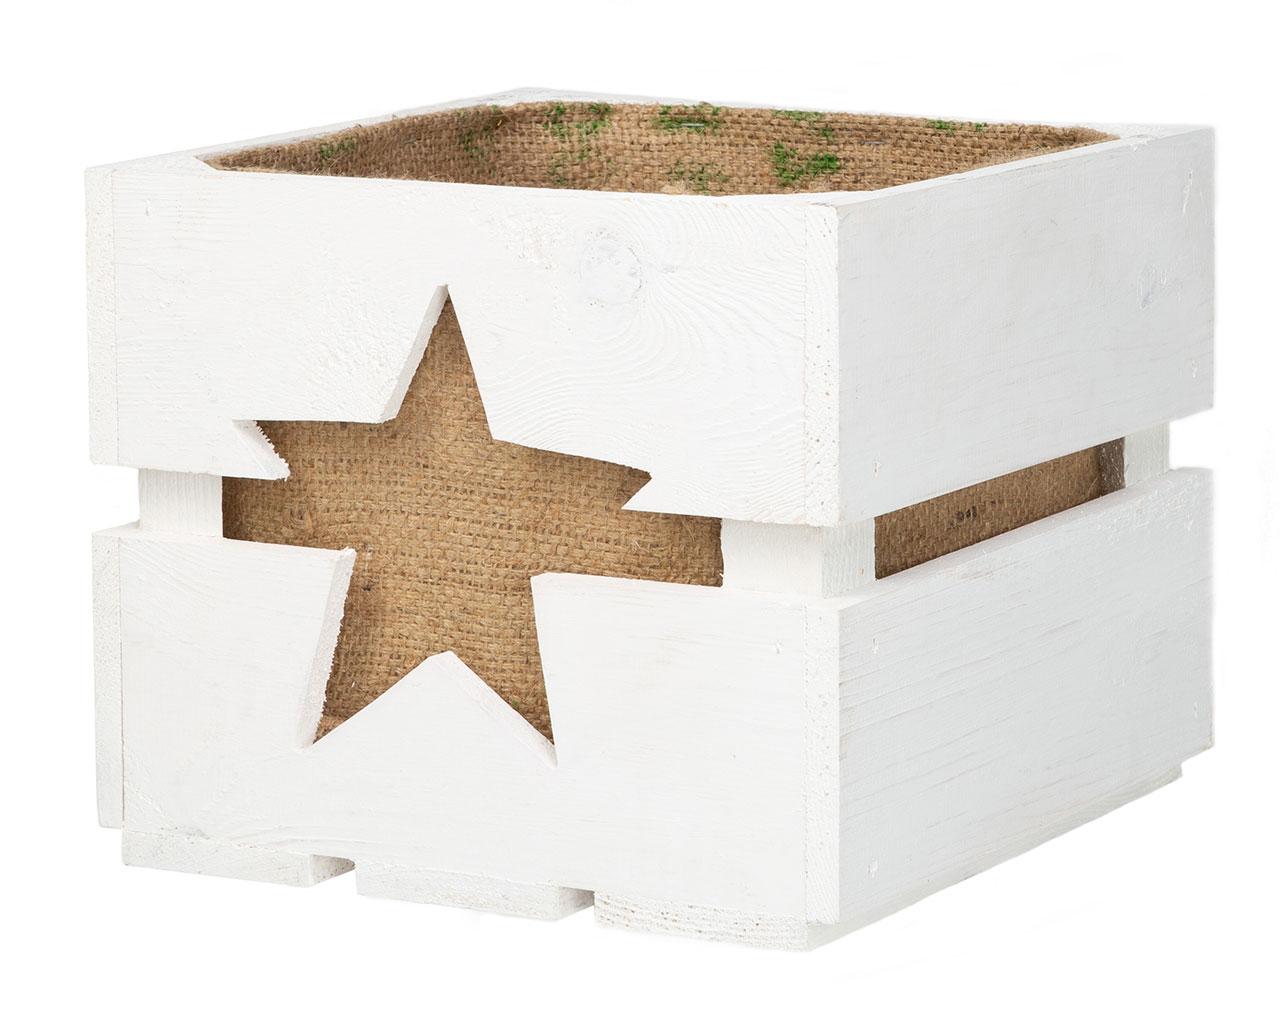 Weiße Dekokiste mit Sternauschnitt und Jutesack 30x30x25cm